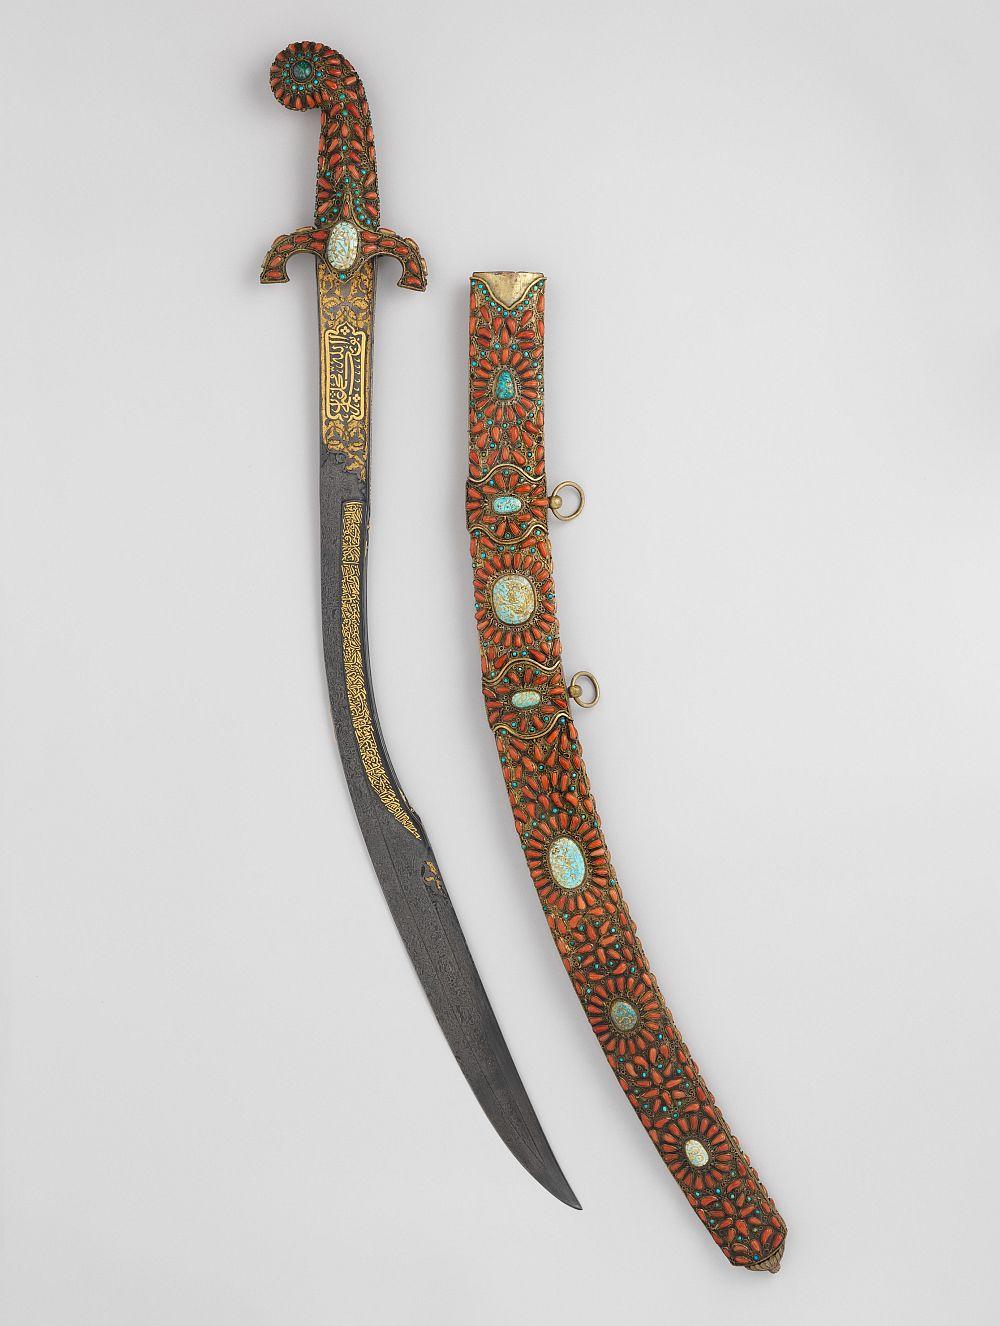 Arap kılıcı